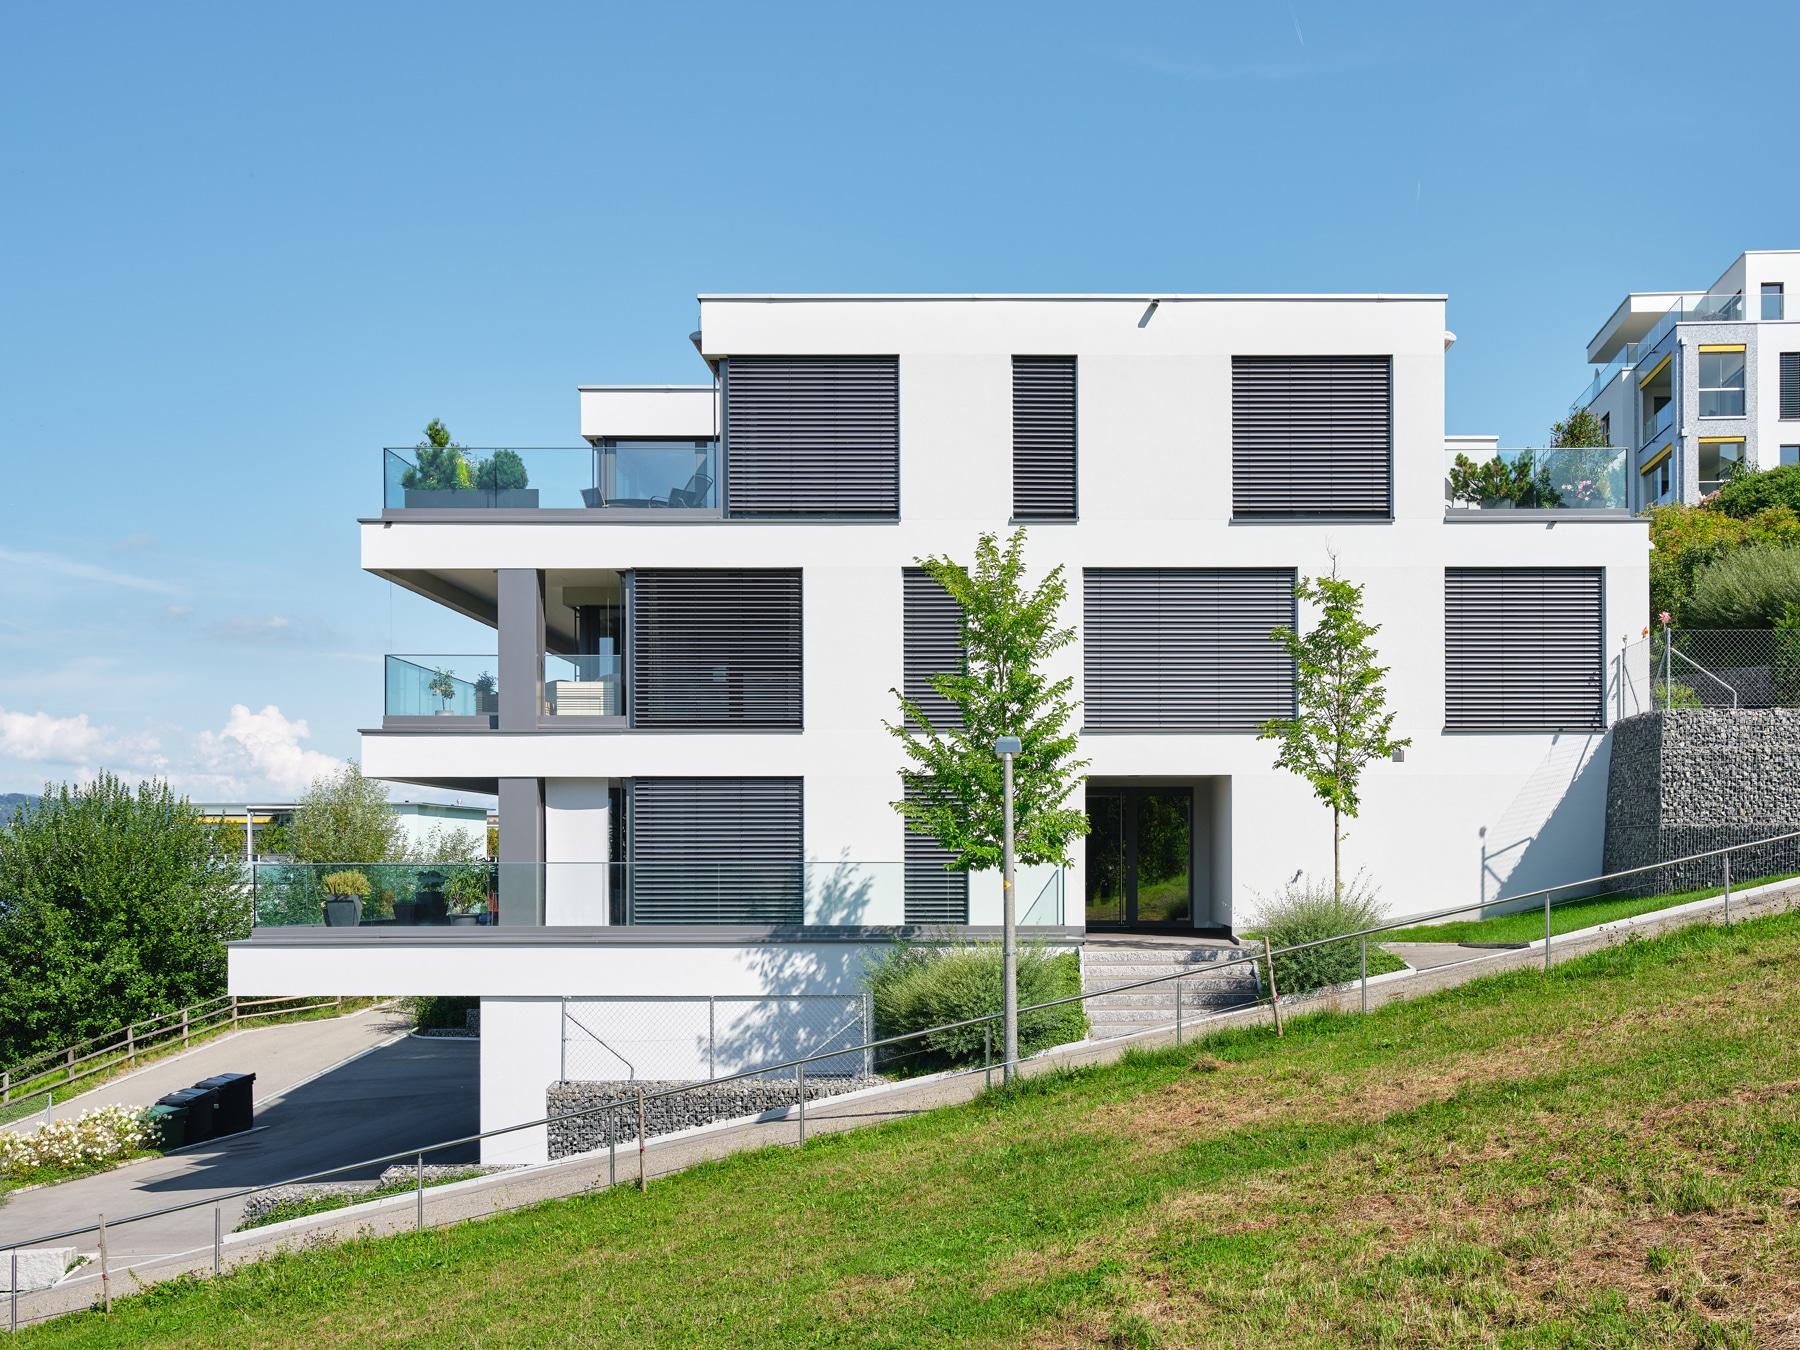 Architekturfotografie - Referenzobjekt - Wädenswil-Au - Sunset View - Mächler Generalunternehmung AG